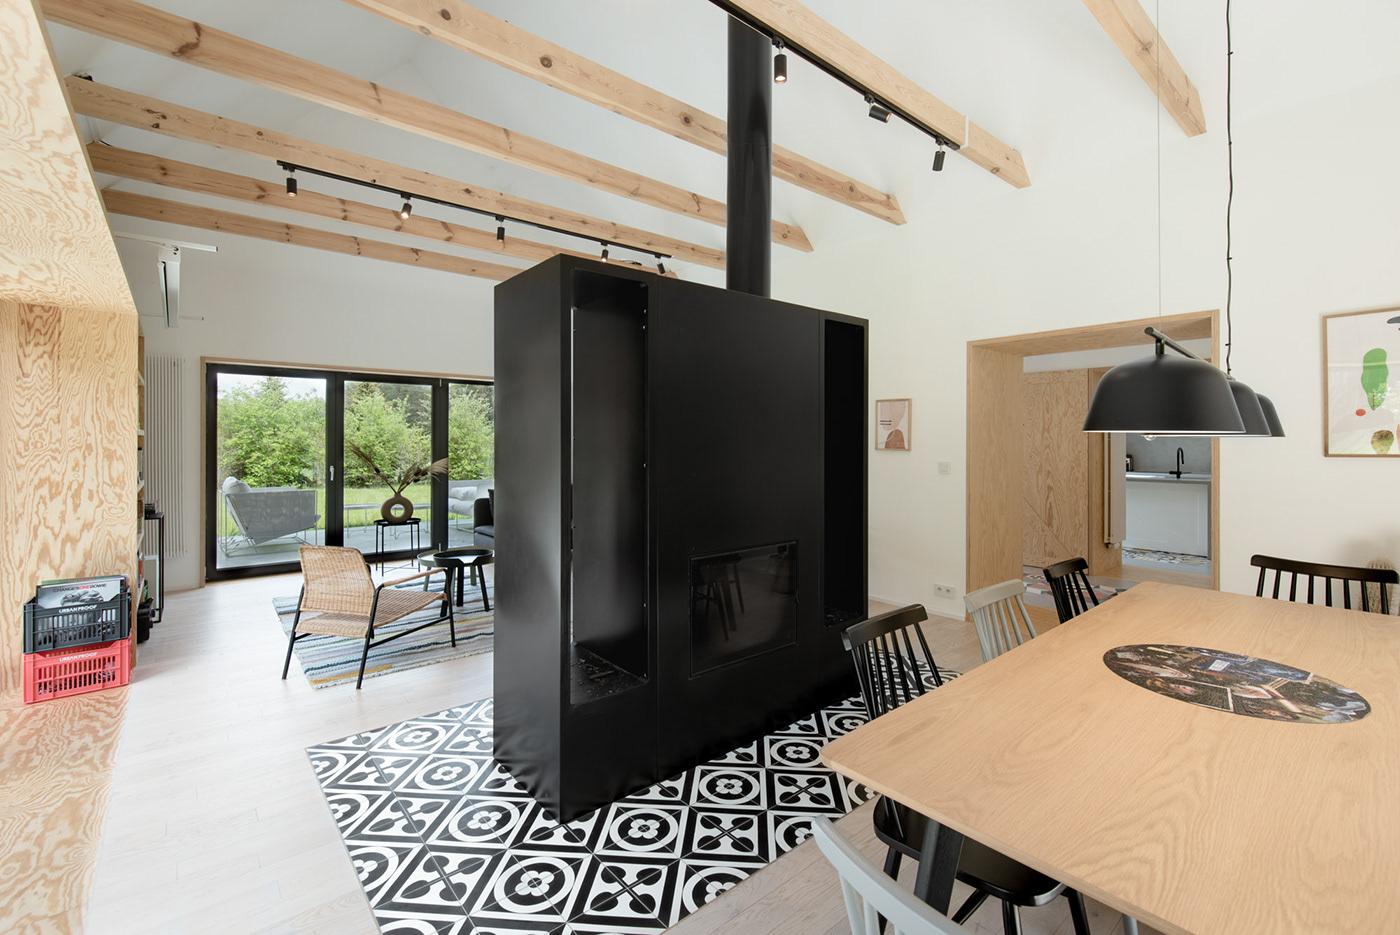 forest house Interior living modelina architekci poland wood